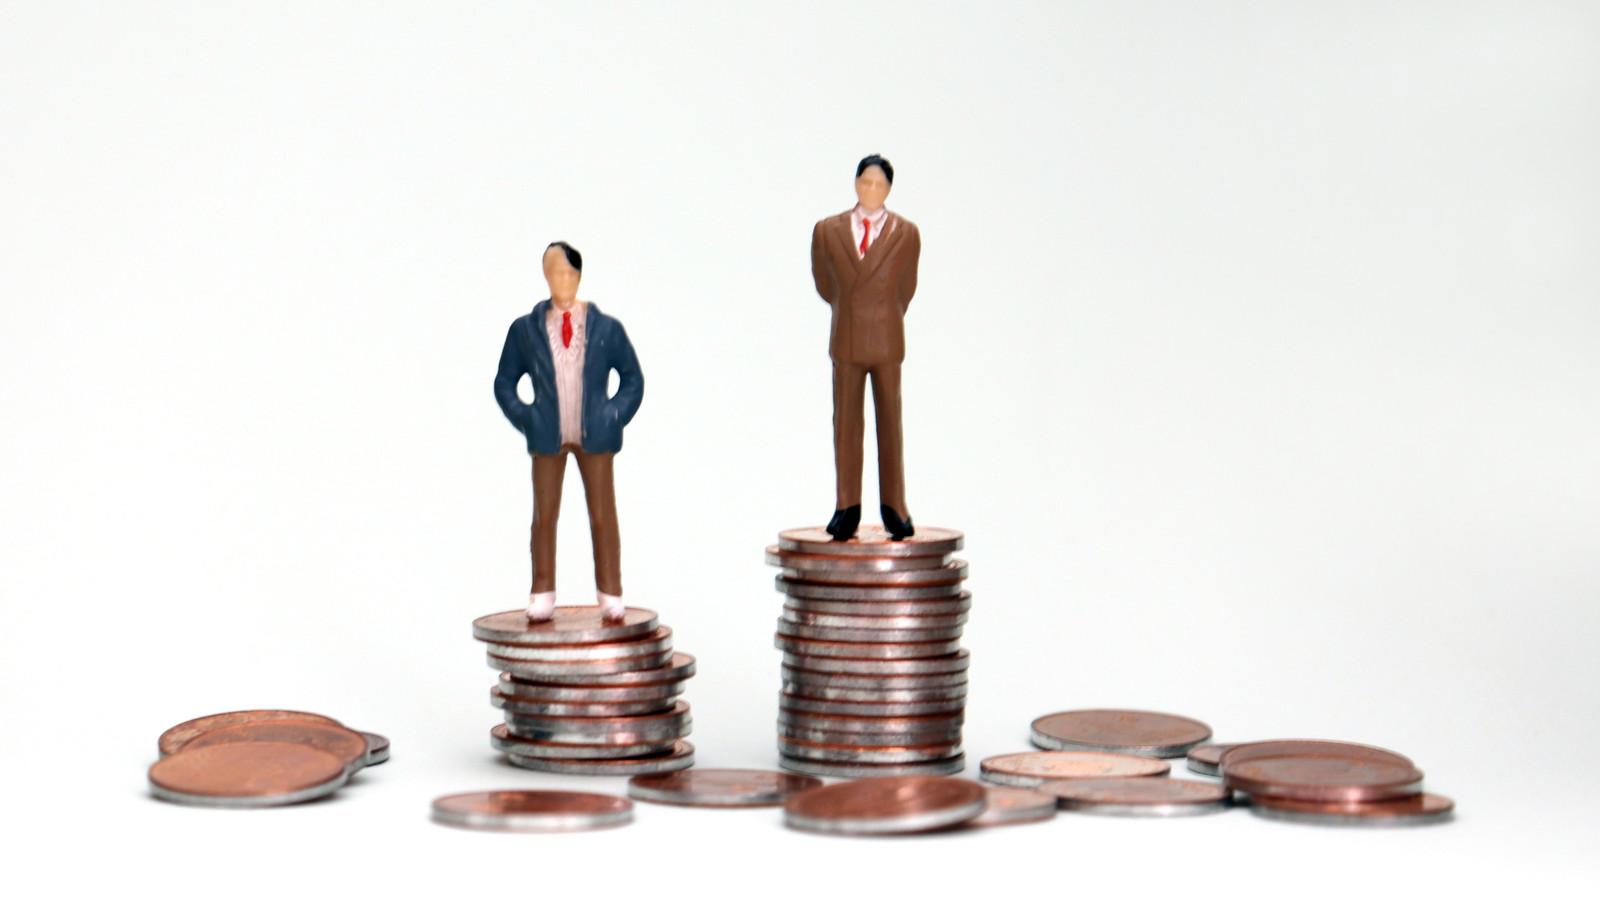 Een jaarlijkse loonsverhoging is volgens de kenners ouderwets. 'Kijk of je waarde toevoegt en bedenk aan de hand dáárvan of je je voldoende gewaardeerd voelt.'